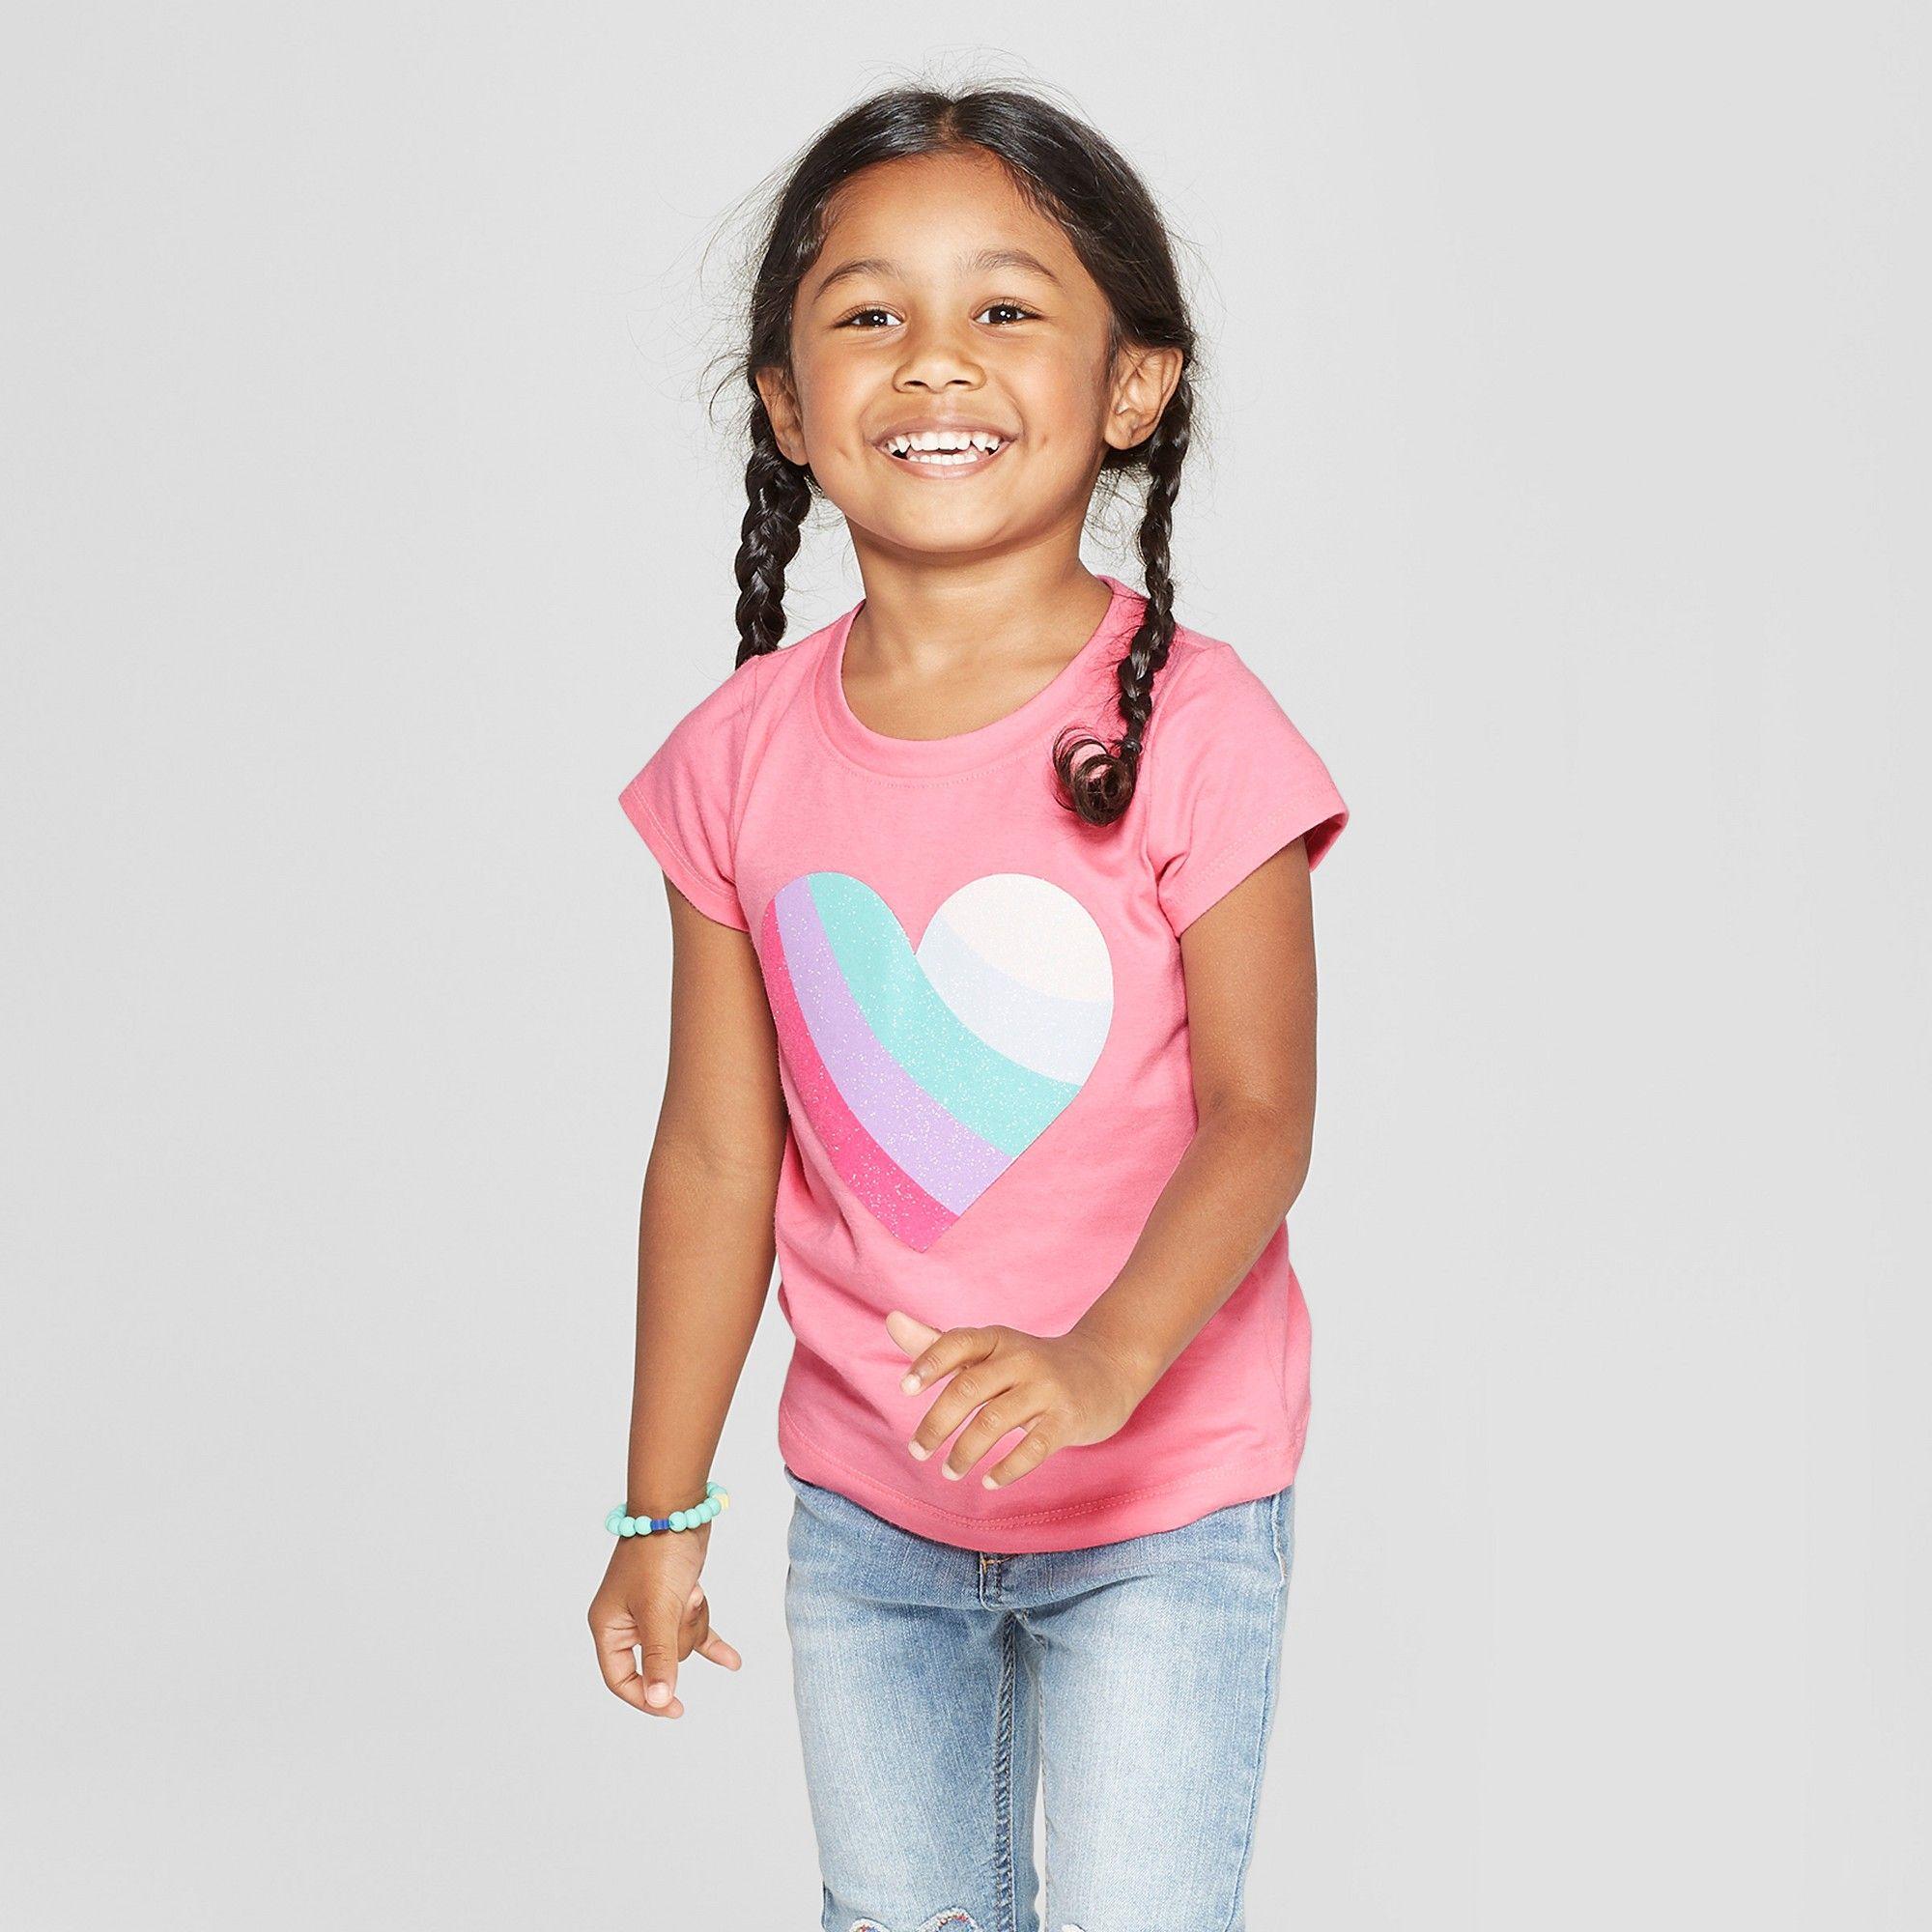 fed3e6117fe Toddler Girls  Short Sleeve Heart T-Shirt - Cat   Jack Pink Carnation 3T